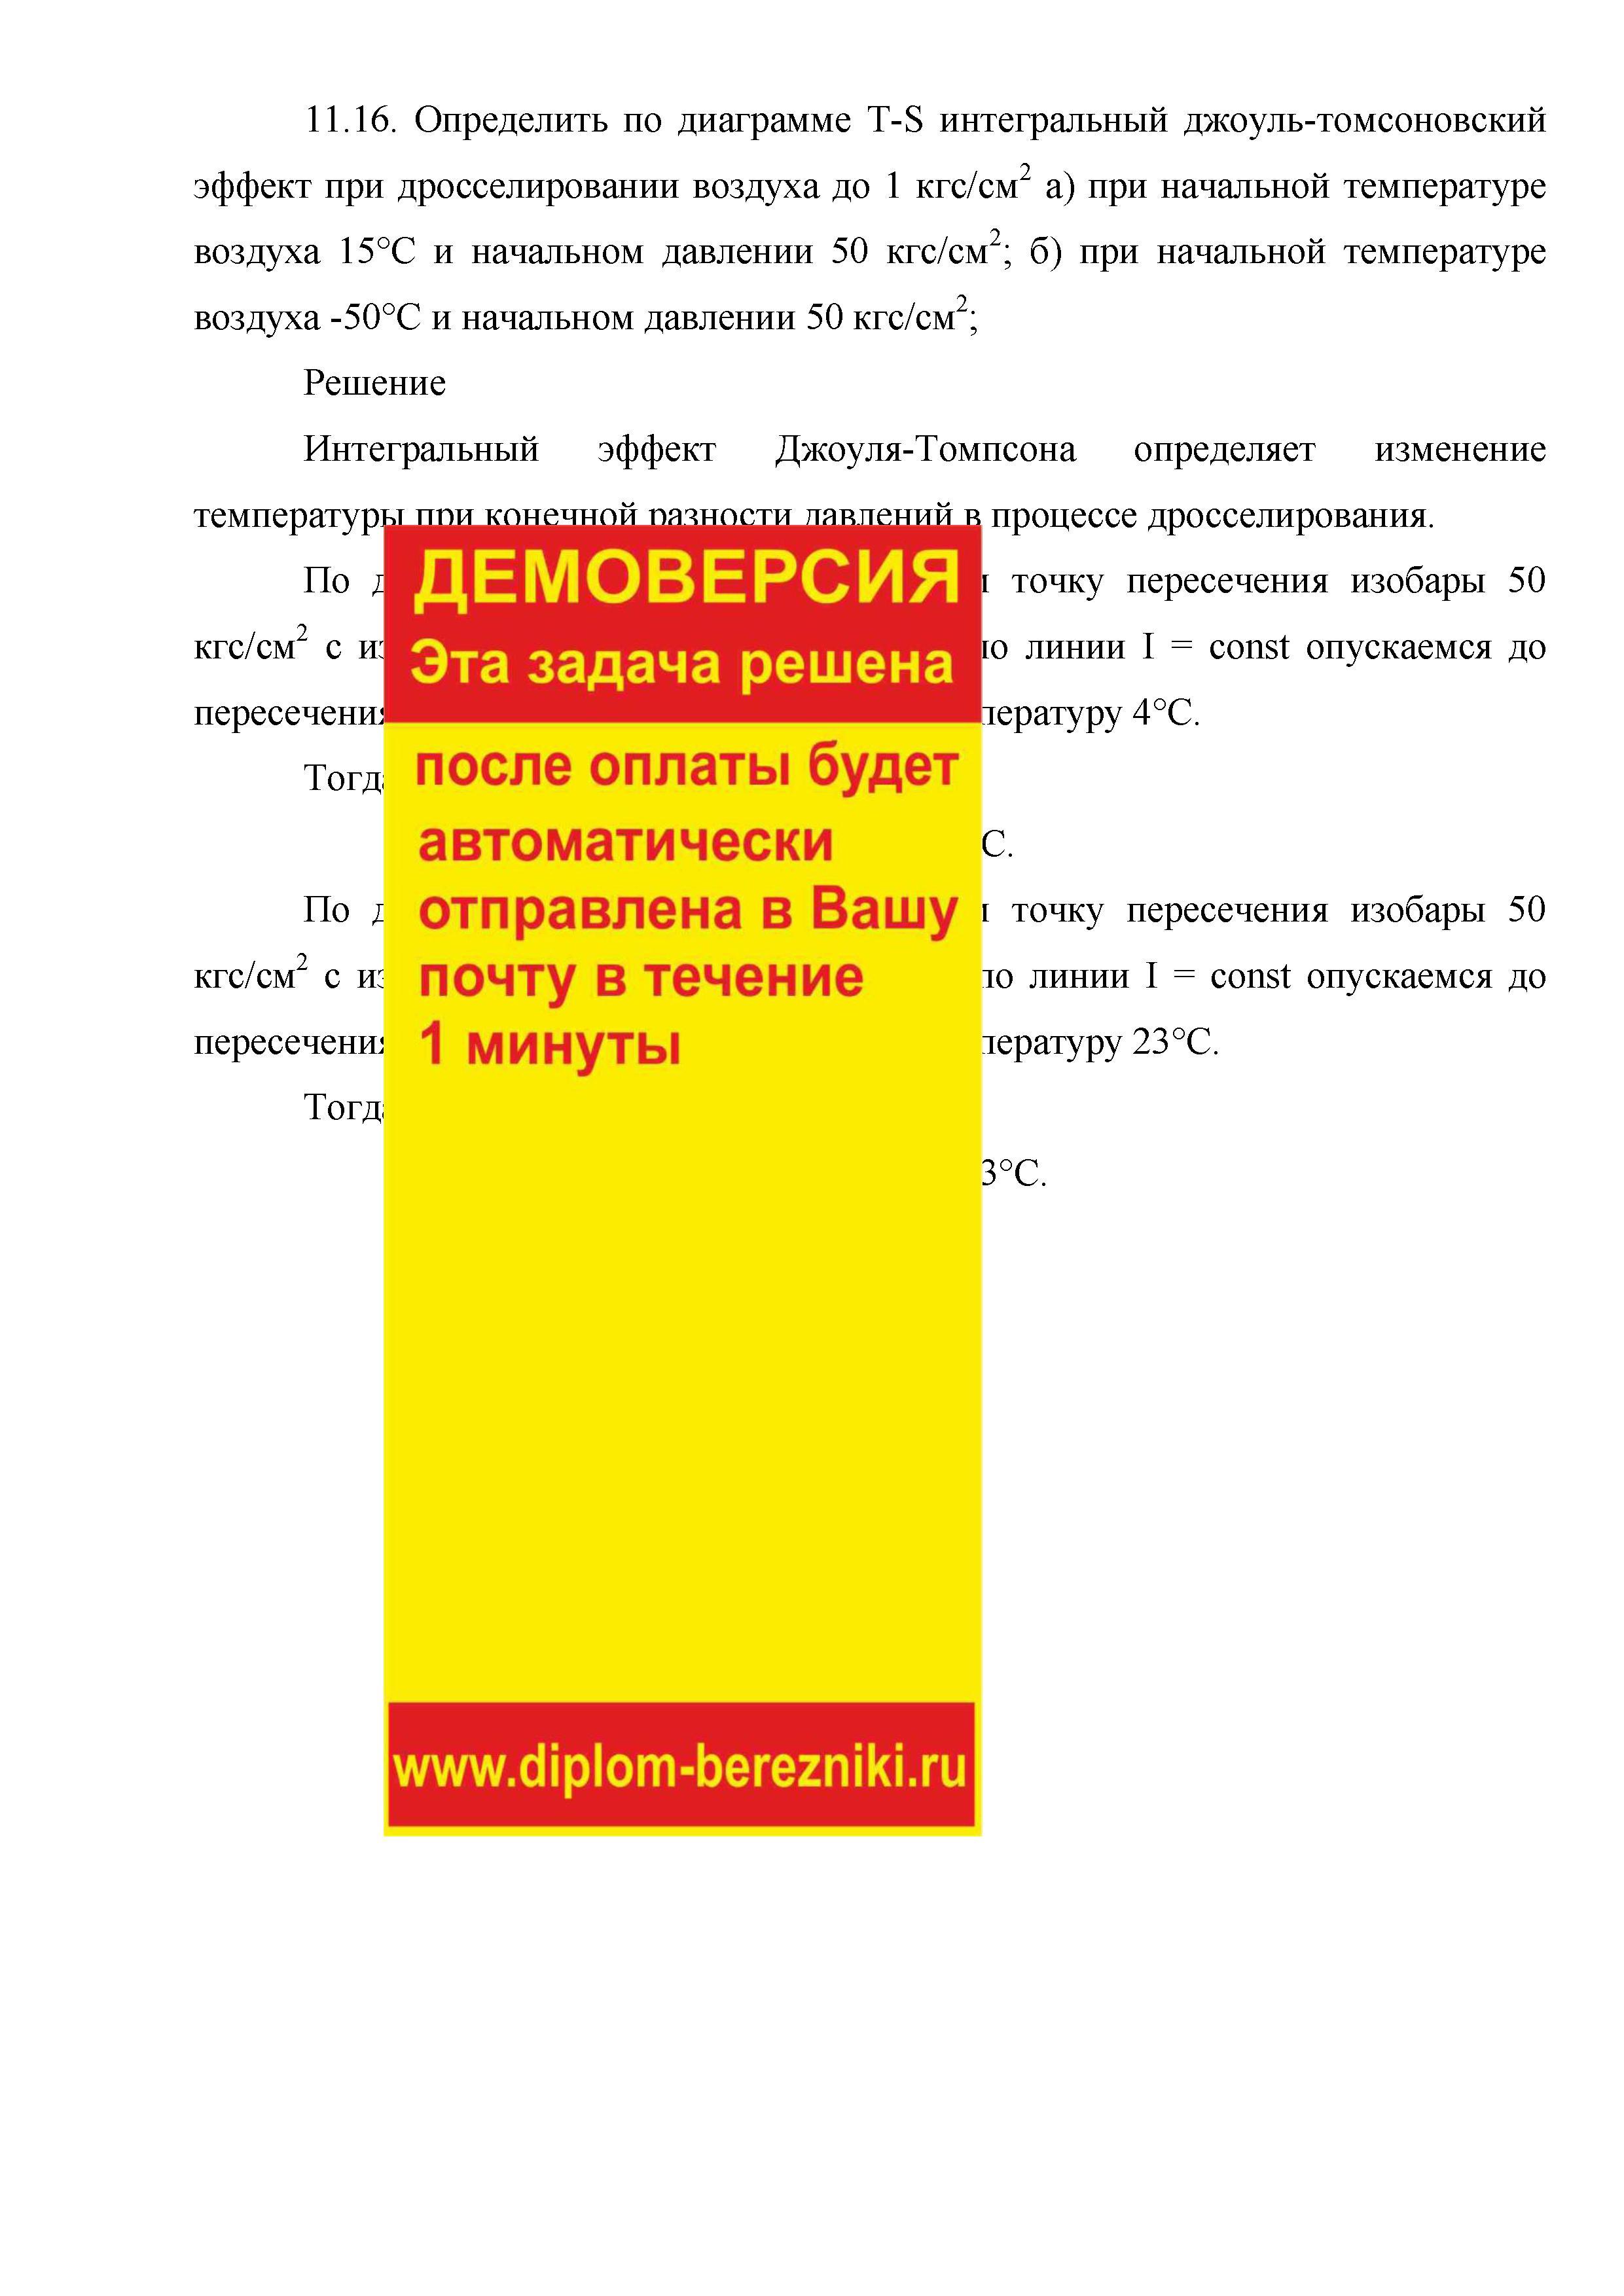 Решение задачи 11.16  по ПАХТ из задачника Павлова Романкова Носкова